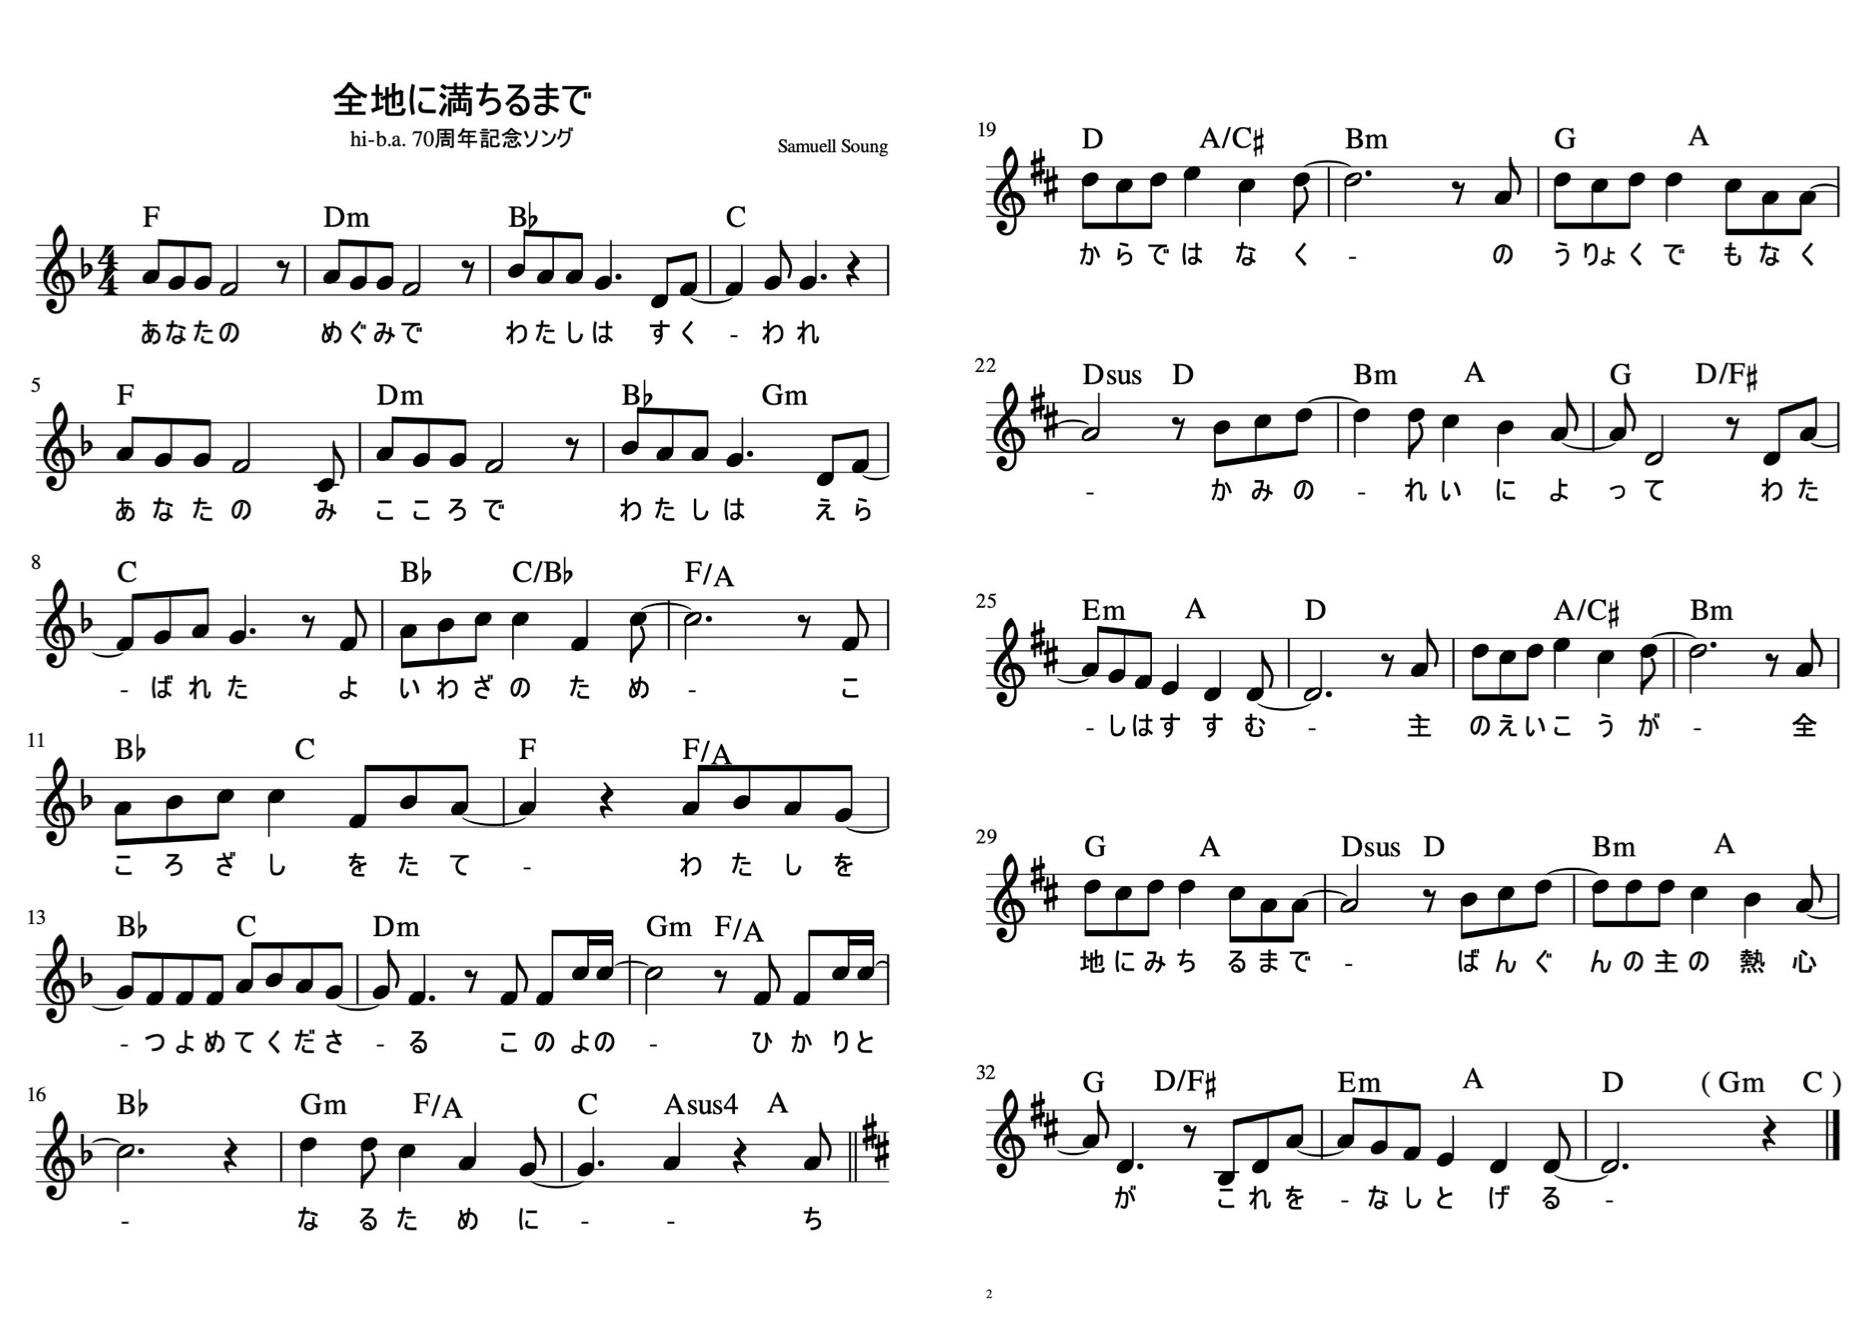 【hi-b.a.70周年記念ソング】YouTubeと楽譜をUPしましたのチラシ